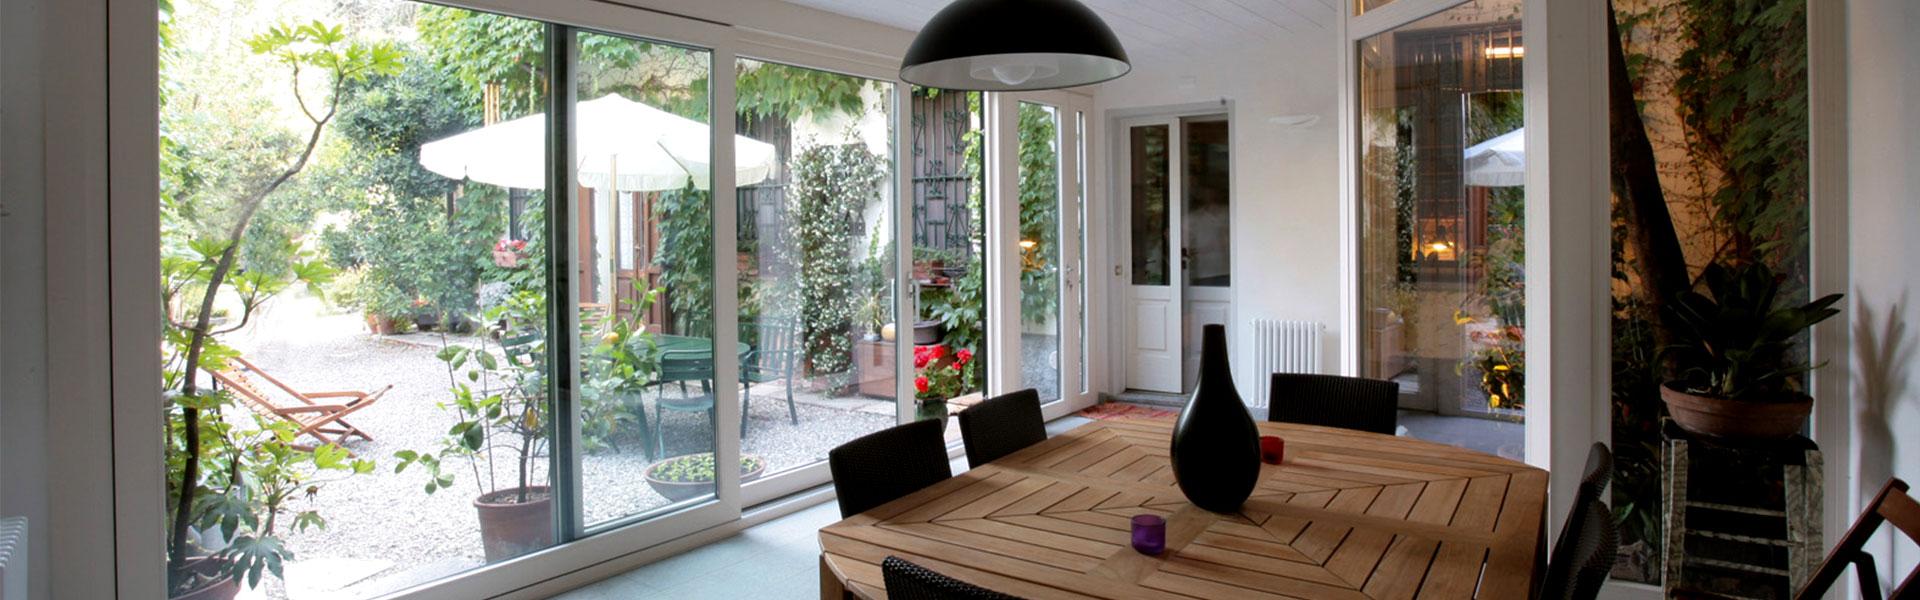 Icra italia porte e finestre sempre uguali nel tempo for Scurini per finestre